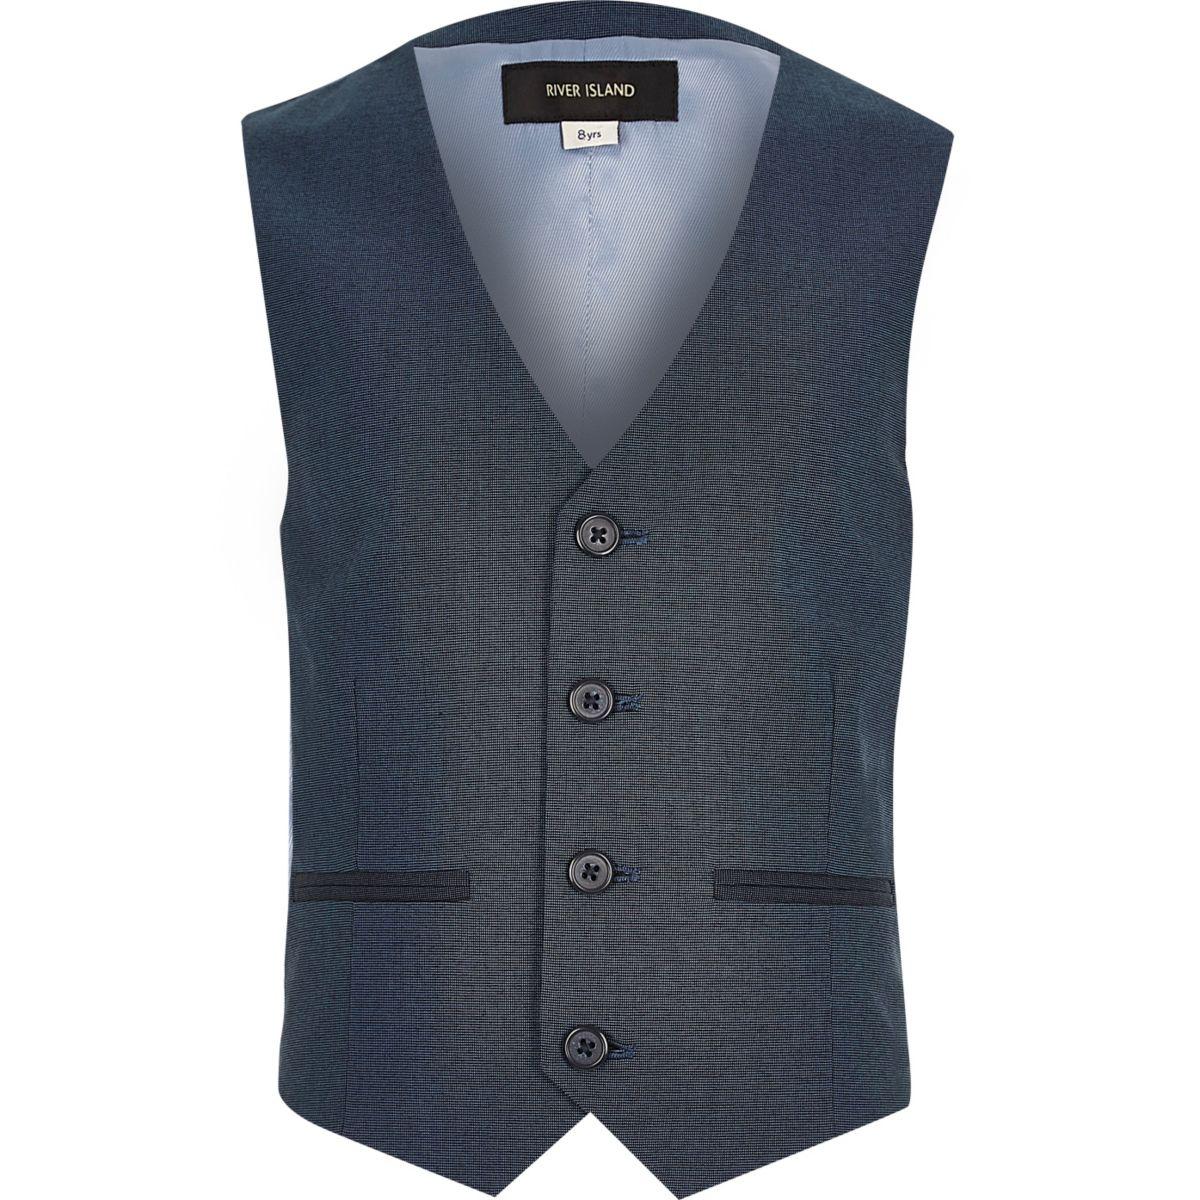 gilet de costume bleu p trole pour gar on offres de saison promos gar on. Black Bedroom Furniture Sets. Home Design Ideas